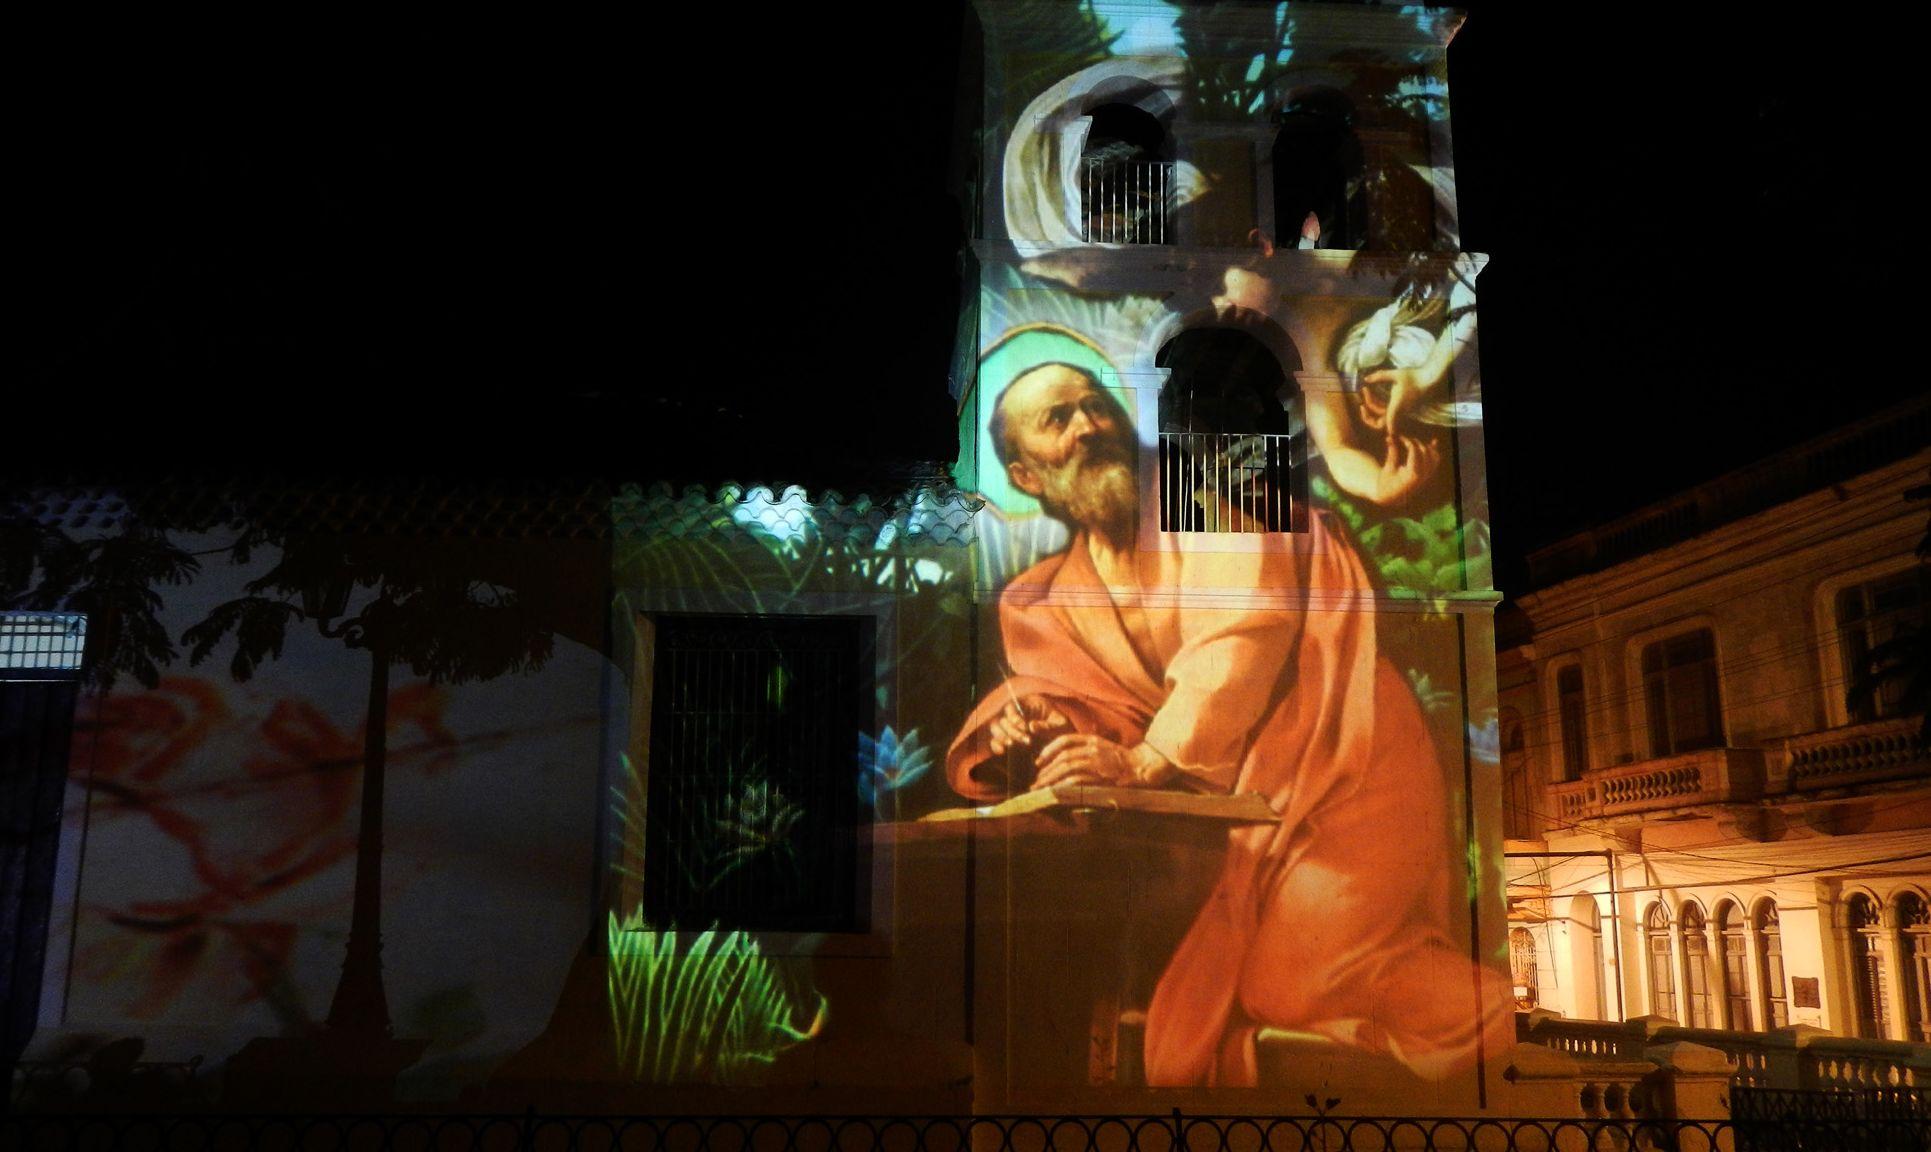 ¿Que nos puede Enseñar Santo Tomás Apóstol hoy?